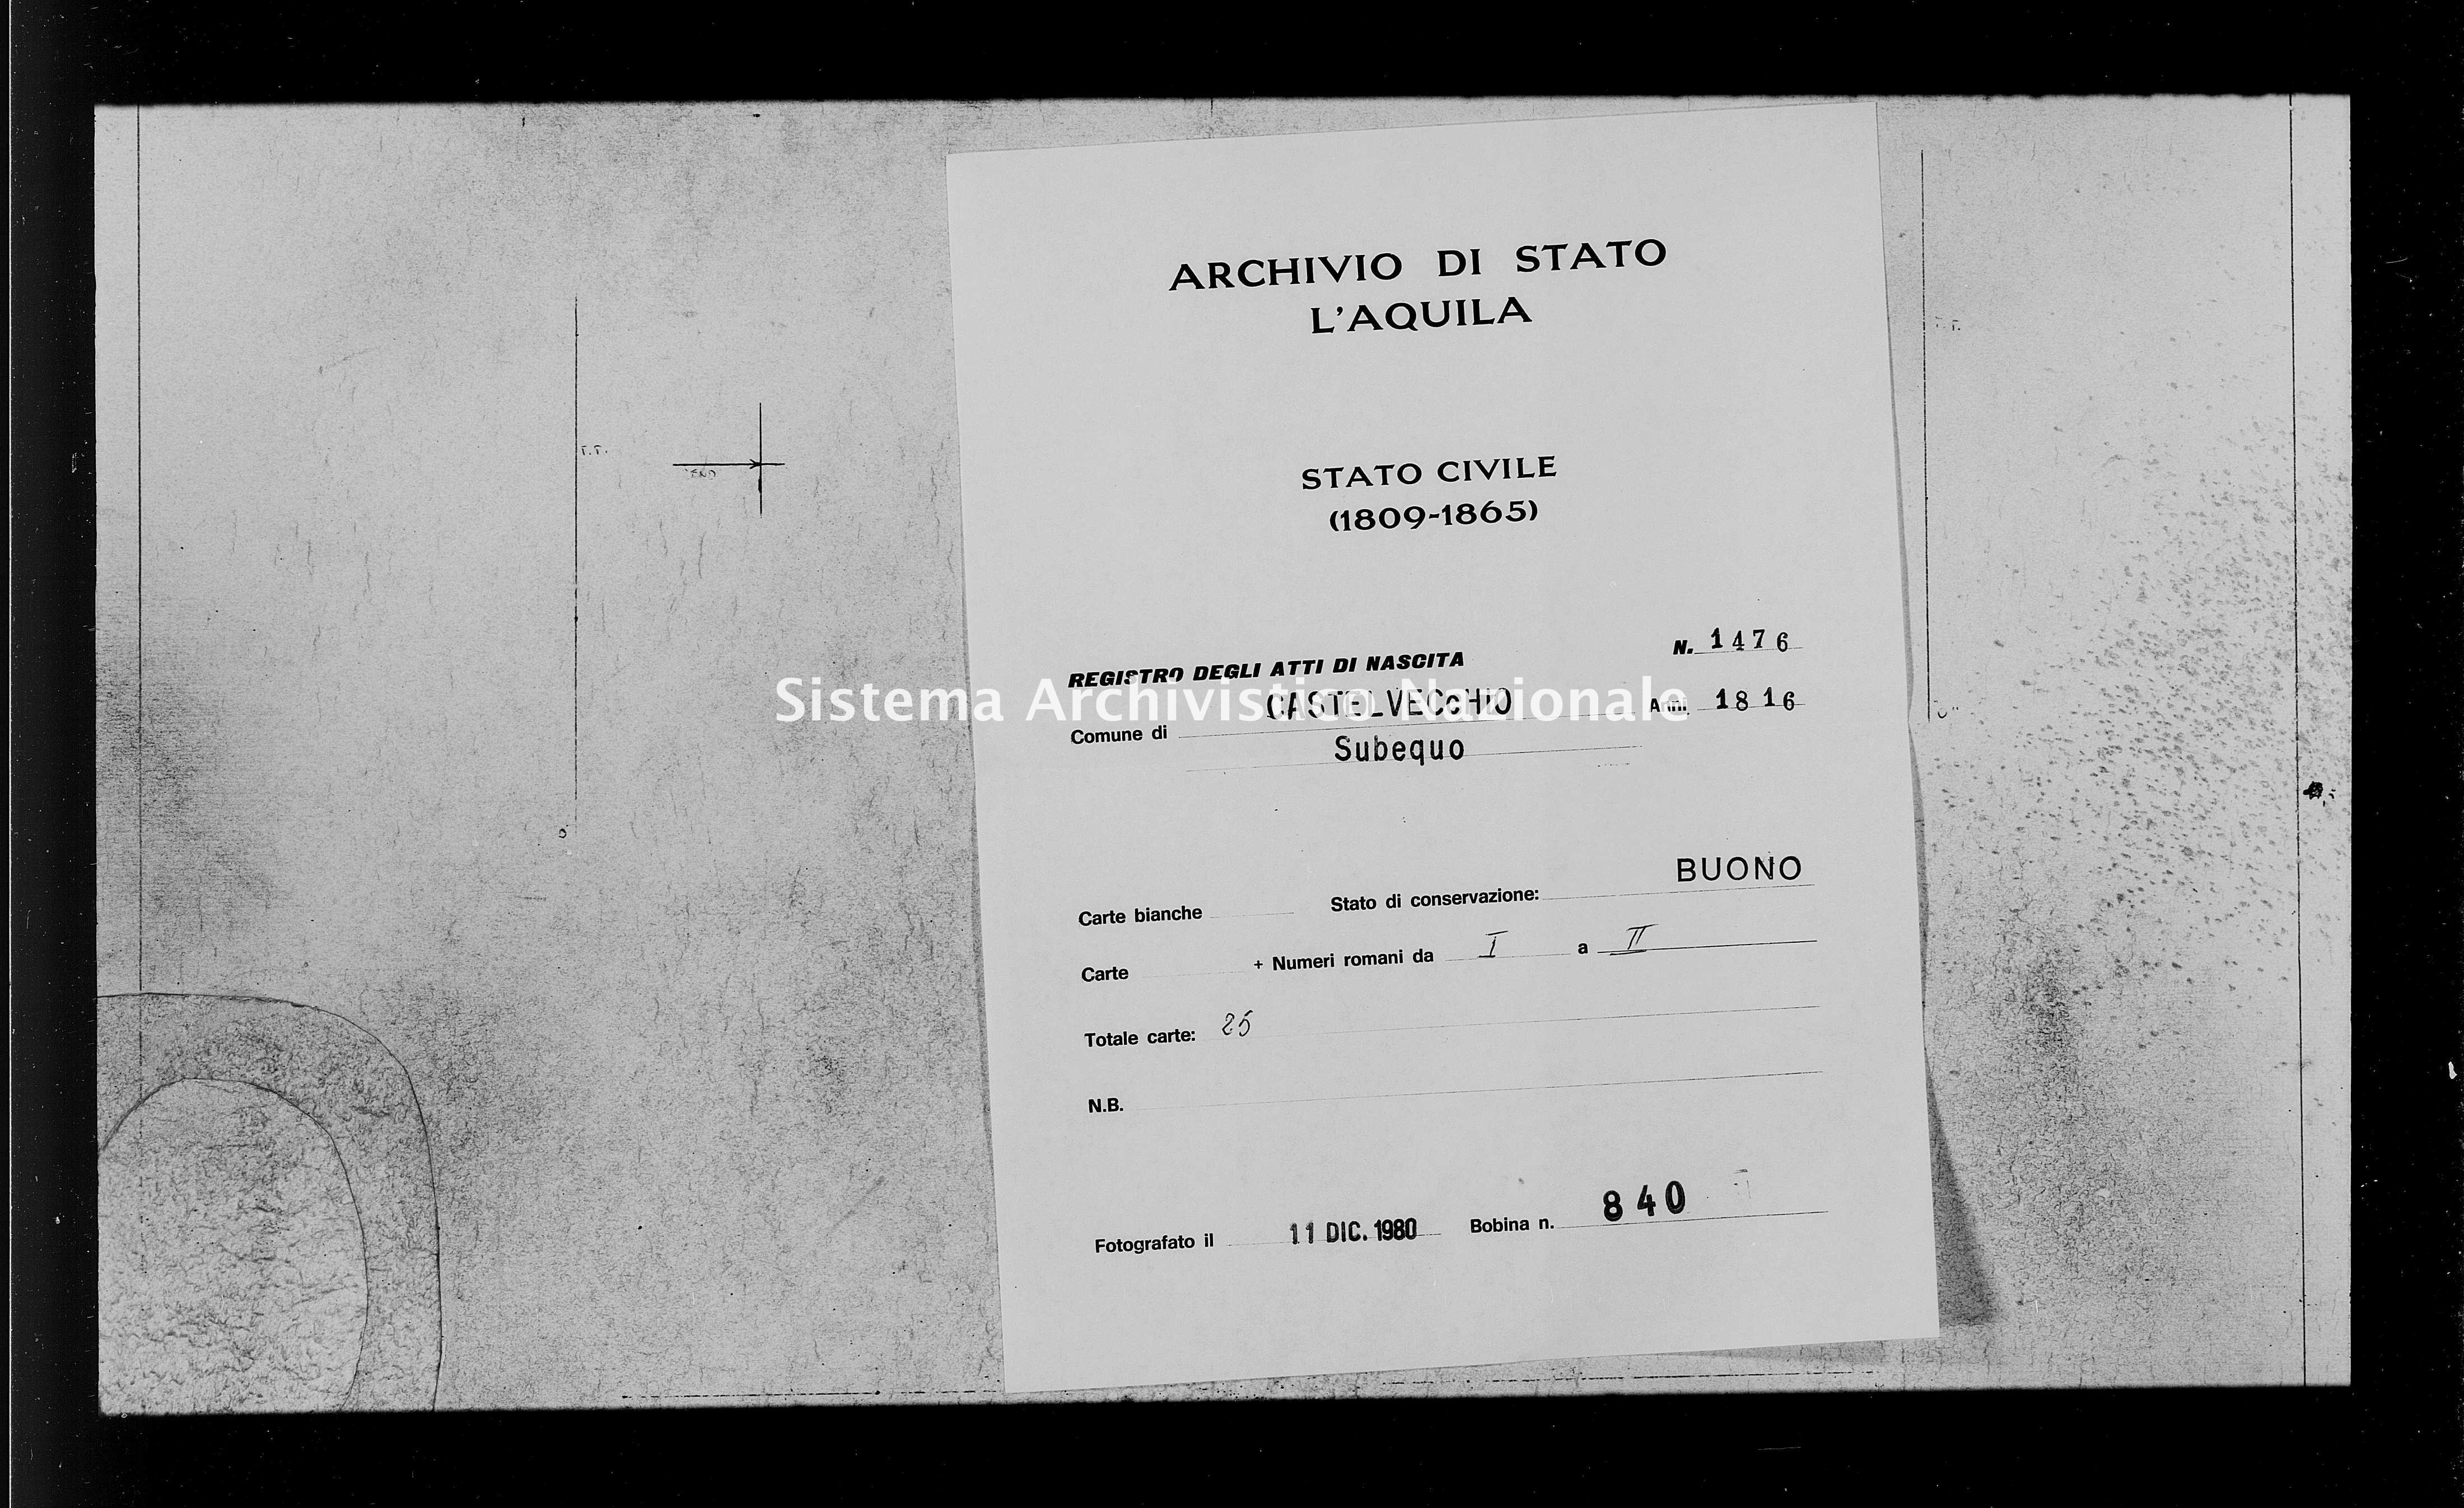 Archivio di stato di L'aquila - Stato civile della restaurazione - Castelvecchio Subequo - Nati - 1816 - 1476 -